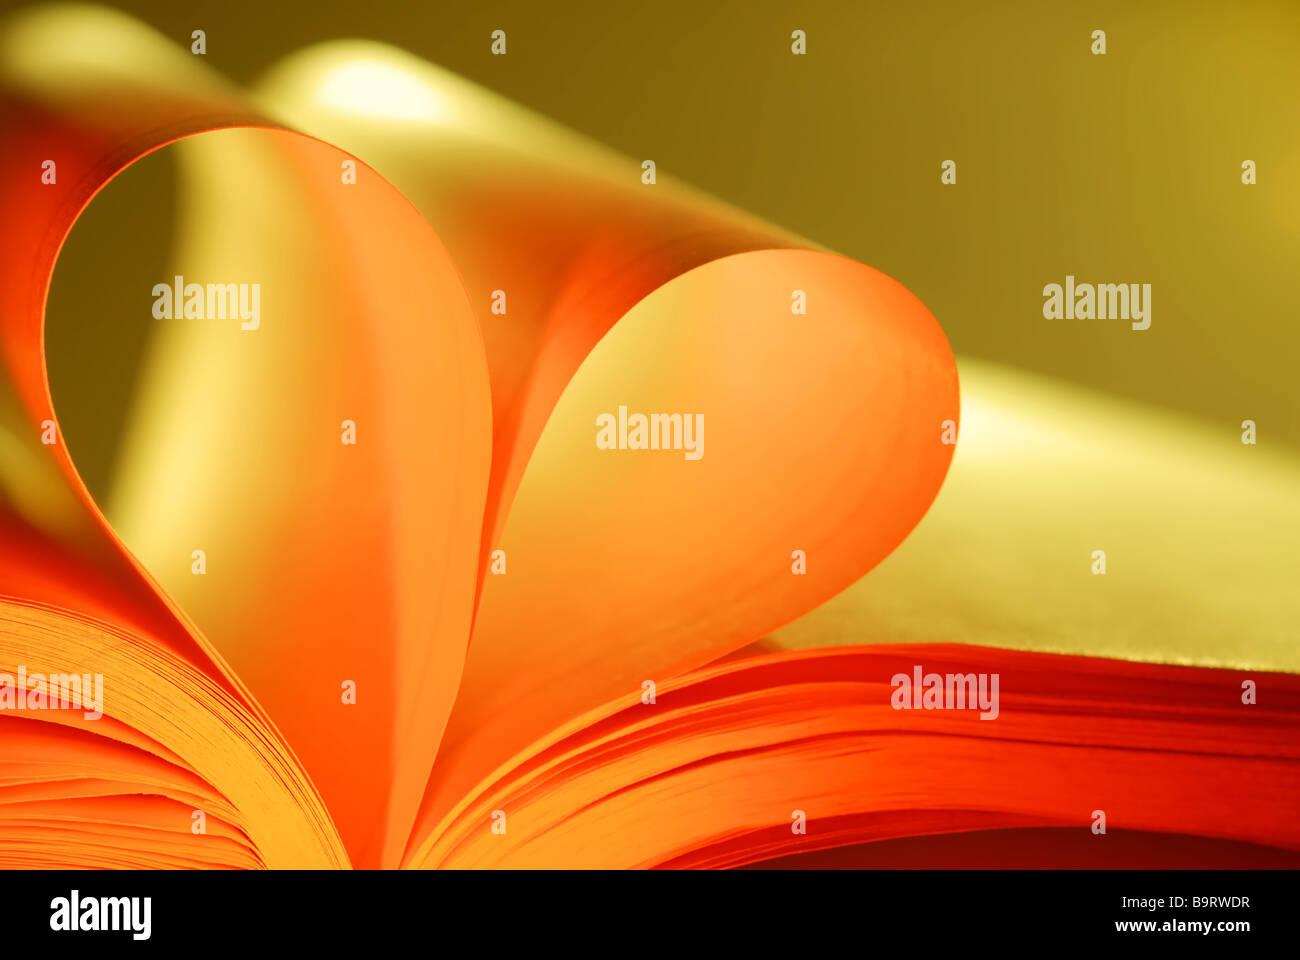 Amore forma di cuore con le pagine di un libro Immagini Stock